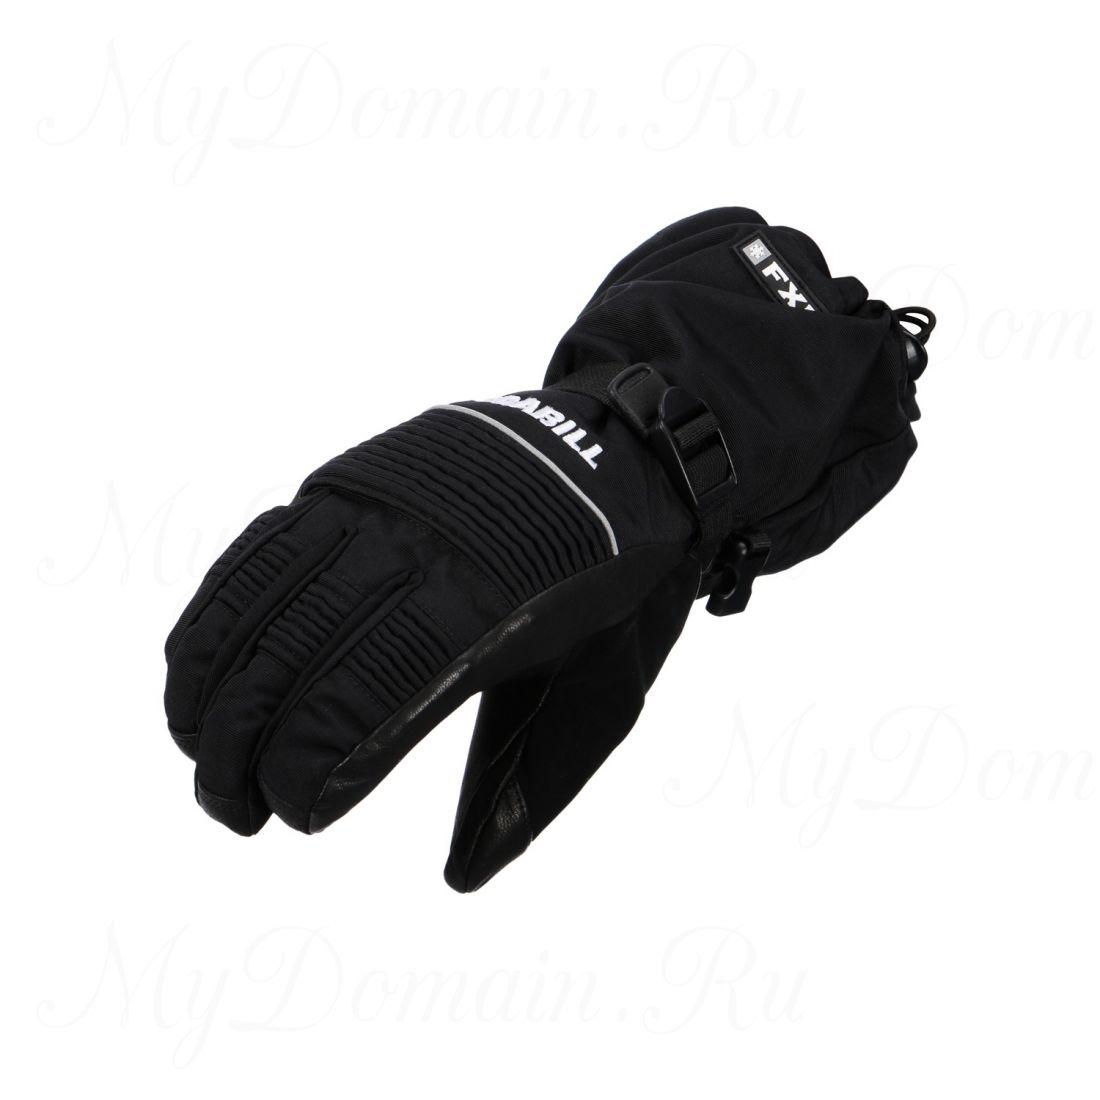 Перчатки Frabill FXE™ Gauntlet GLOVE водо/ветрозащитные дышащие кожа черные размер M